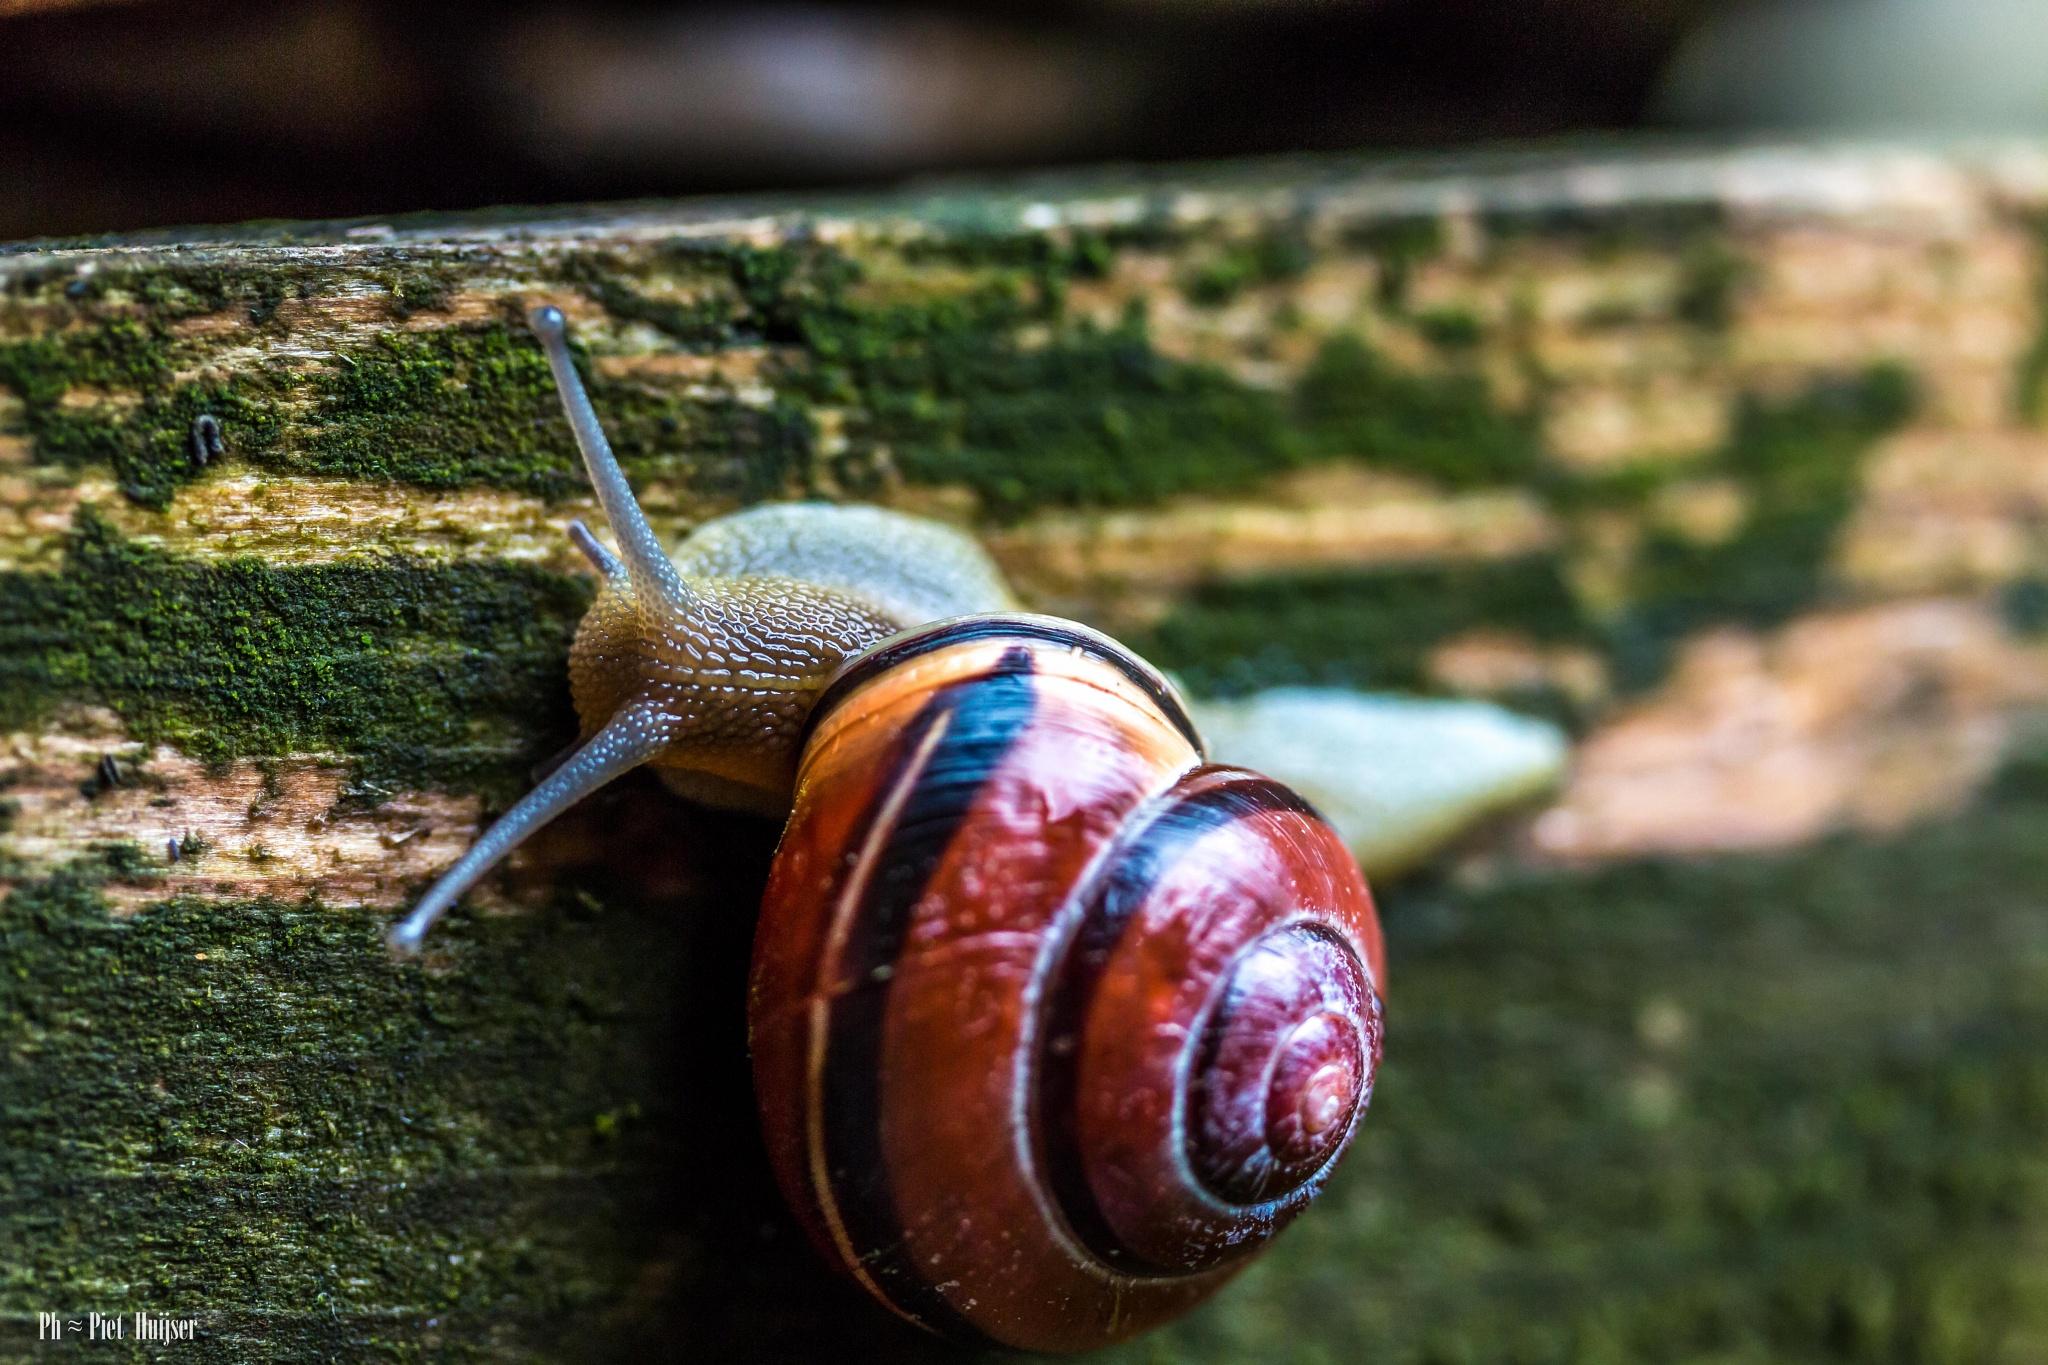 beautiful, but not snails in the garden by Piet Huijser